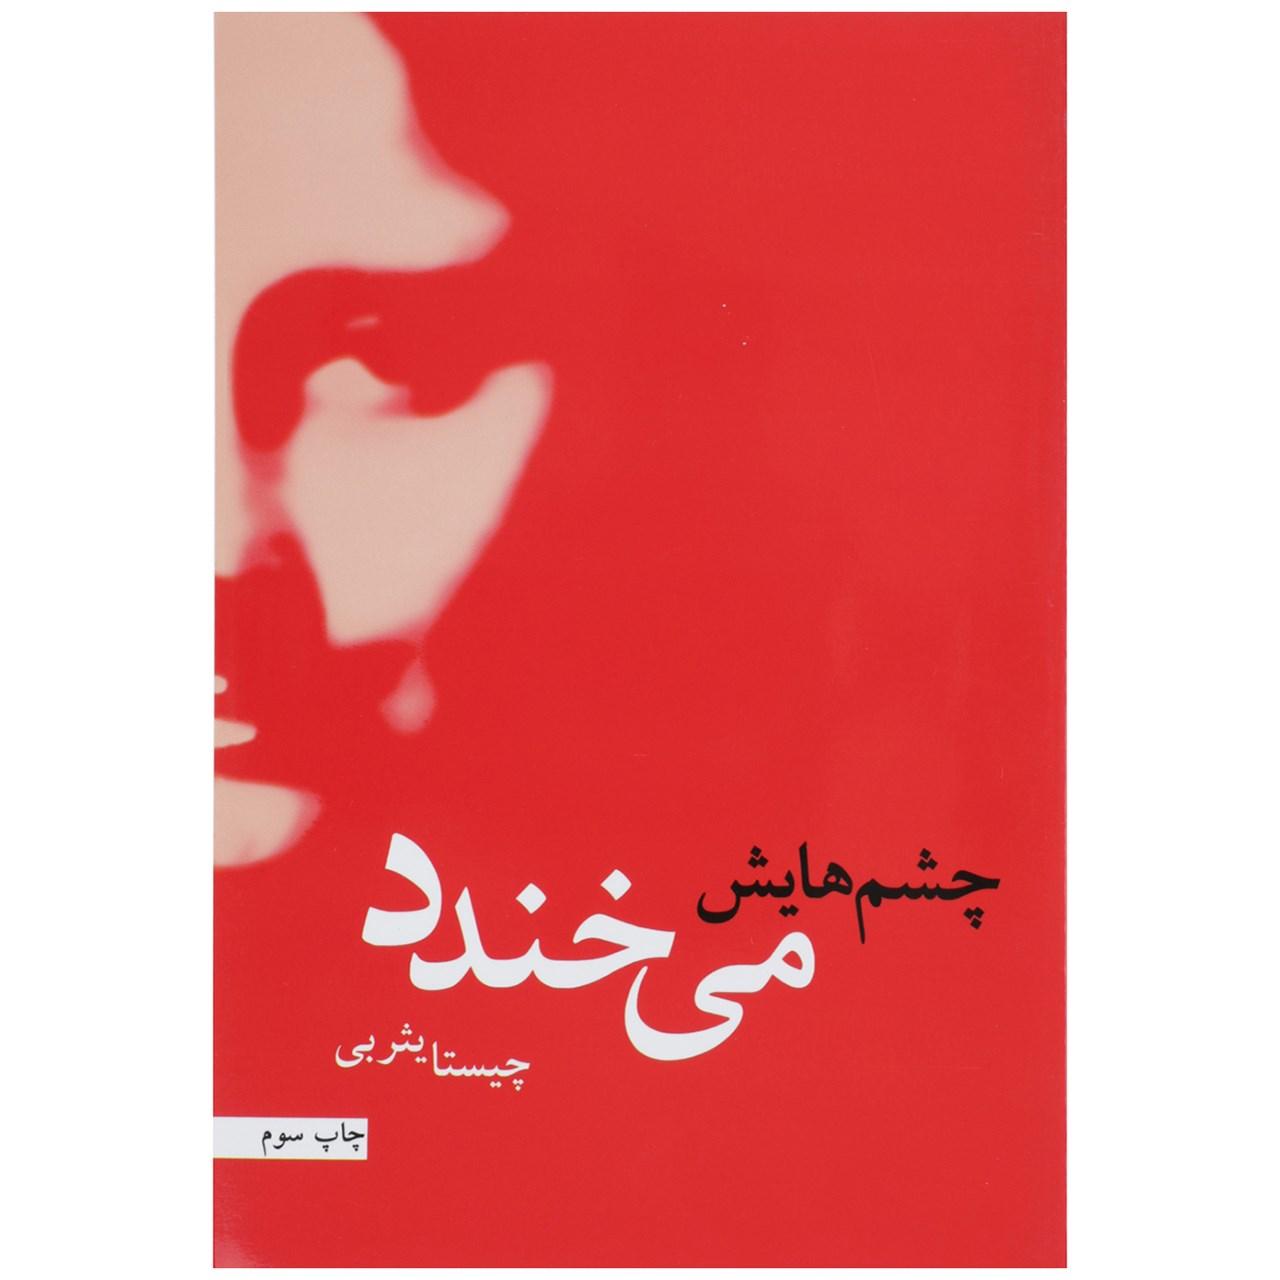 کتاب چشم هایش می خندد اثر چیستا یثزبی